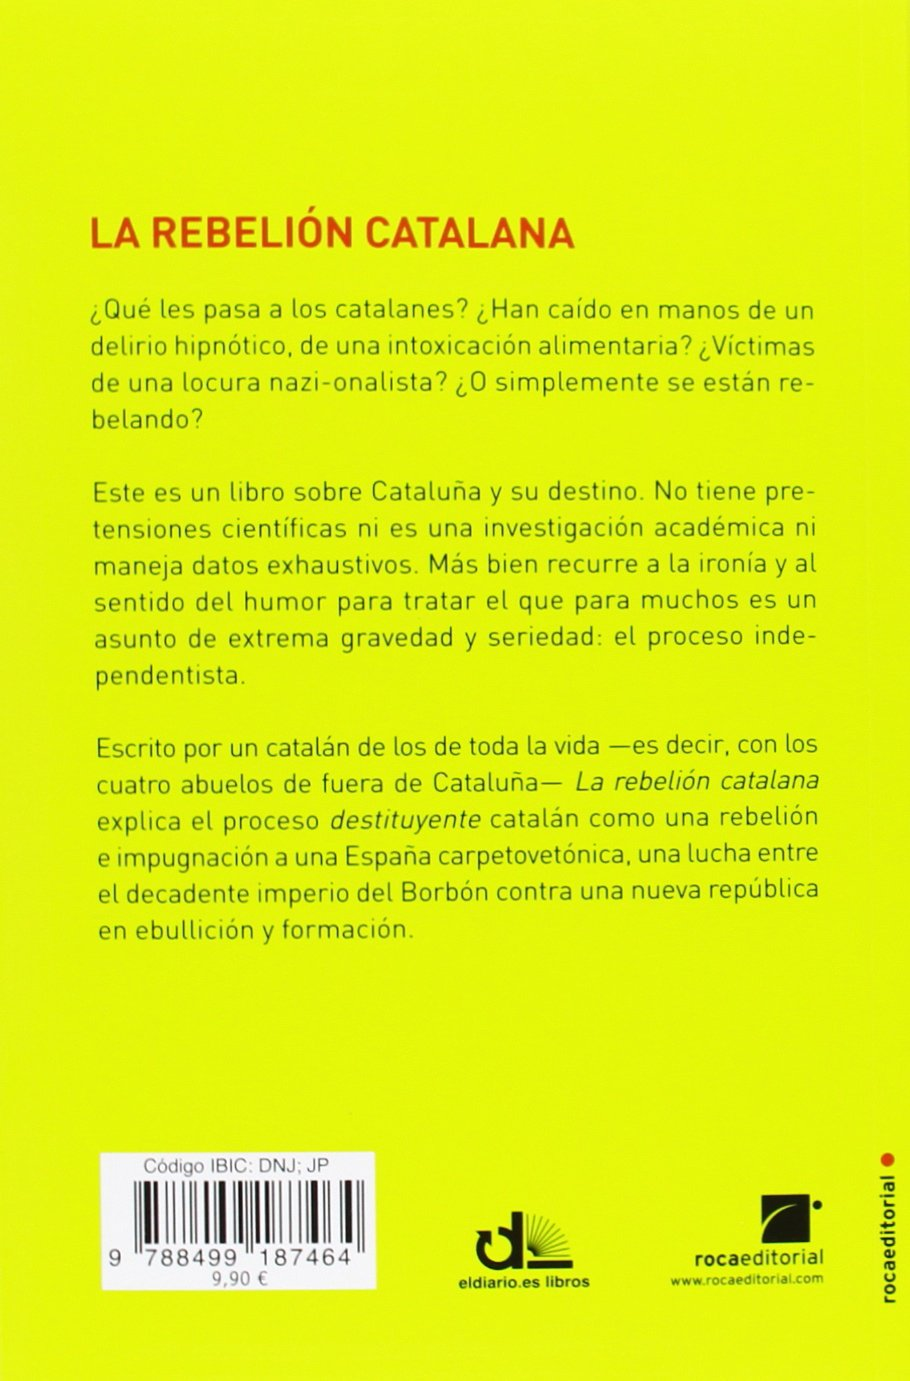 La rebelión catalana (eldiario.es Libros): Amazon.es: Baños ...